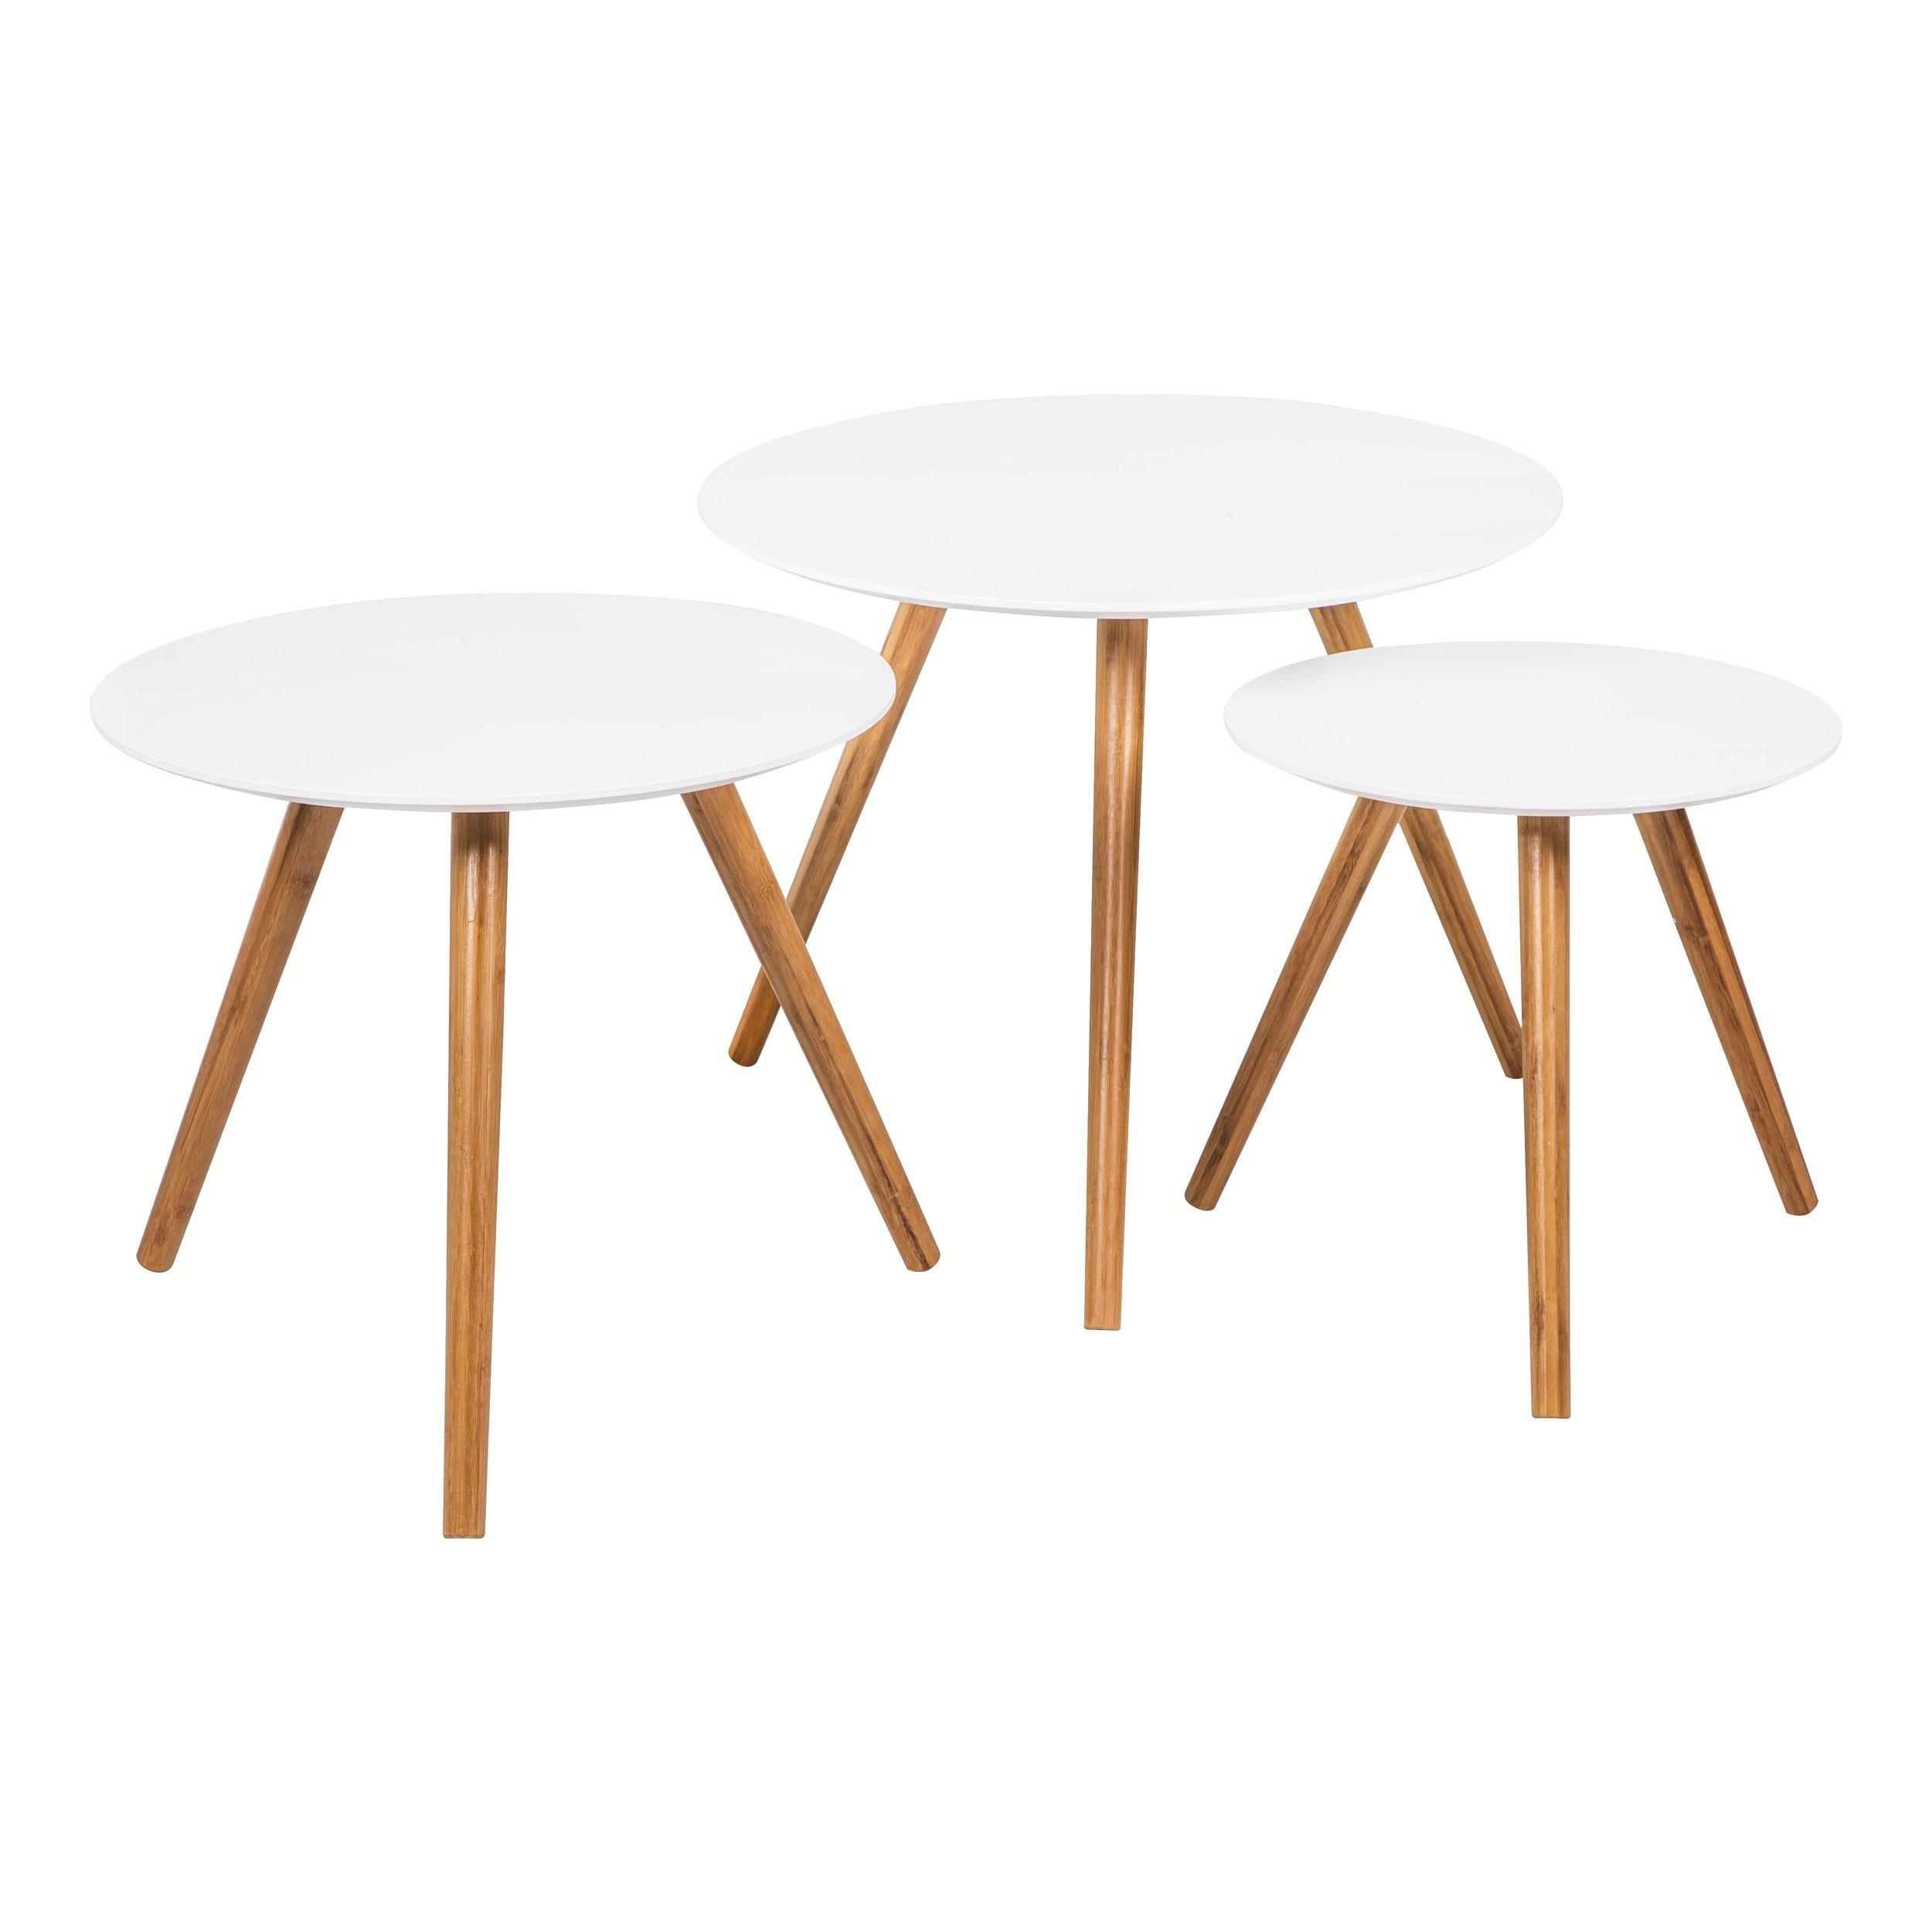 Table basse ronde Liv blanche (lot de 3) : achetez nos tables basses ...